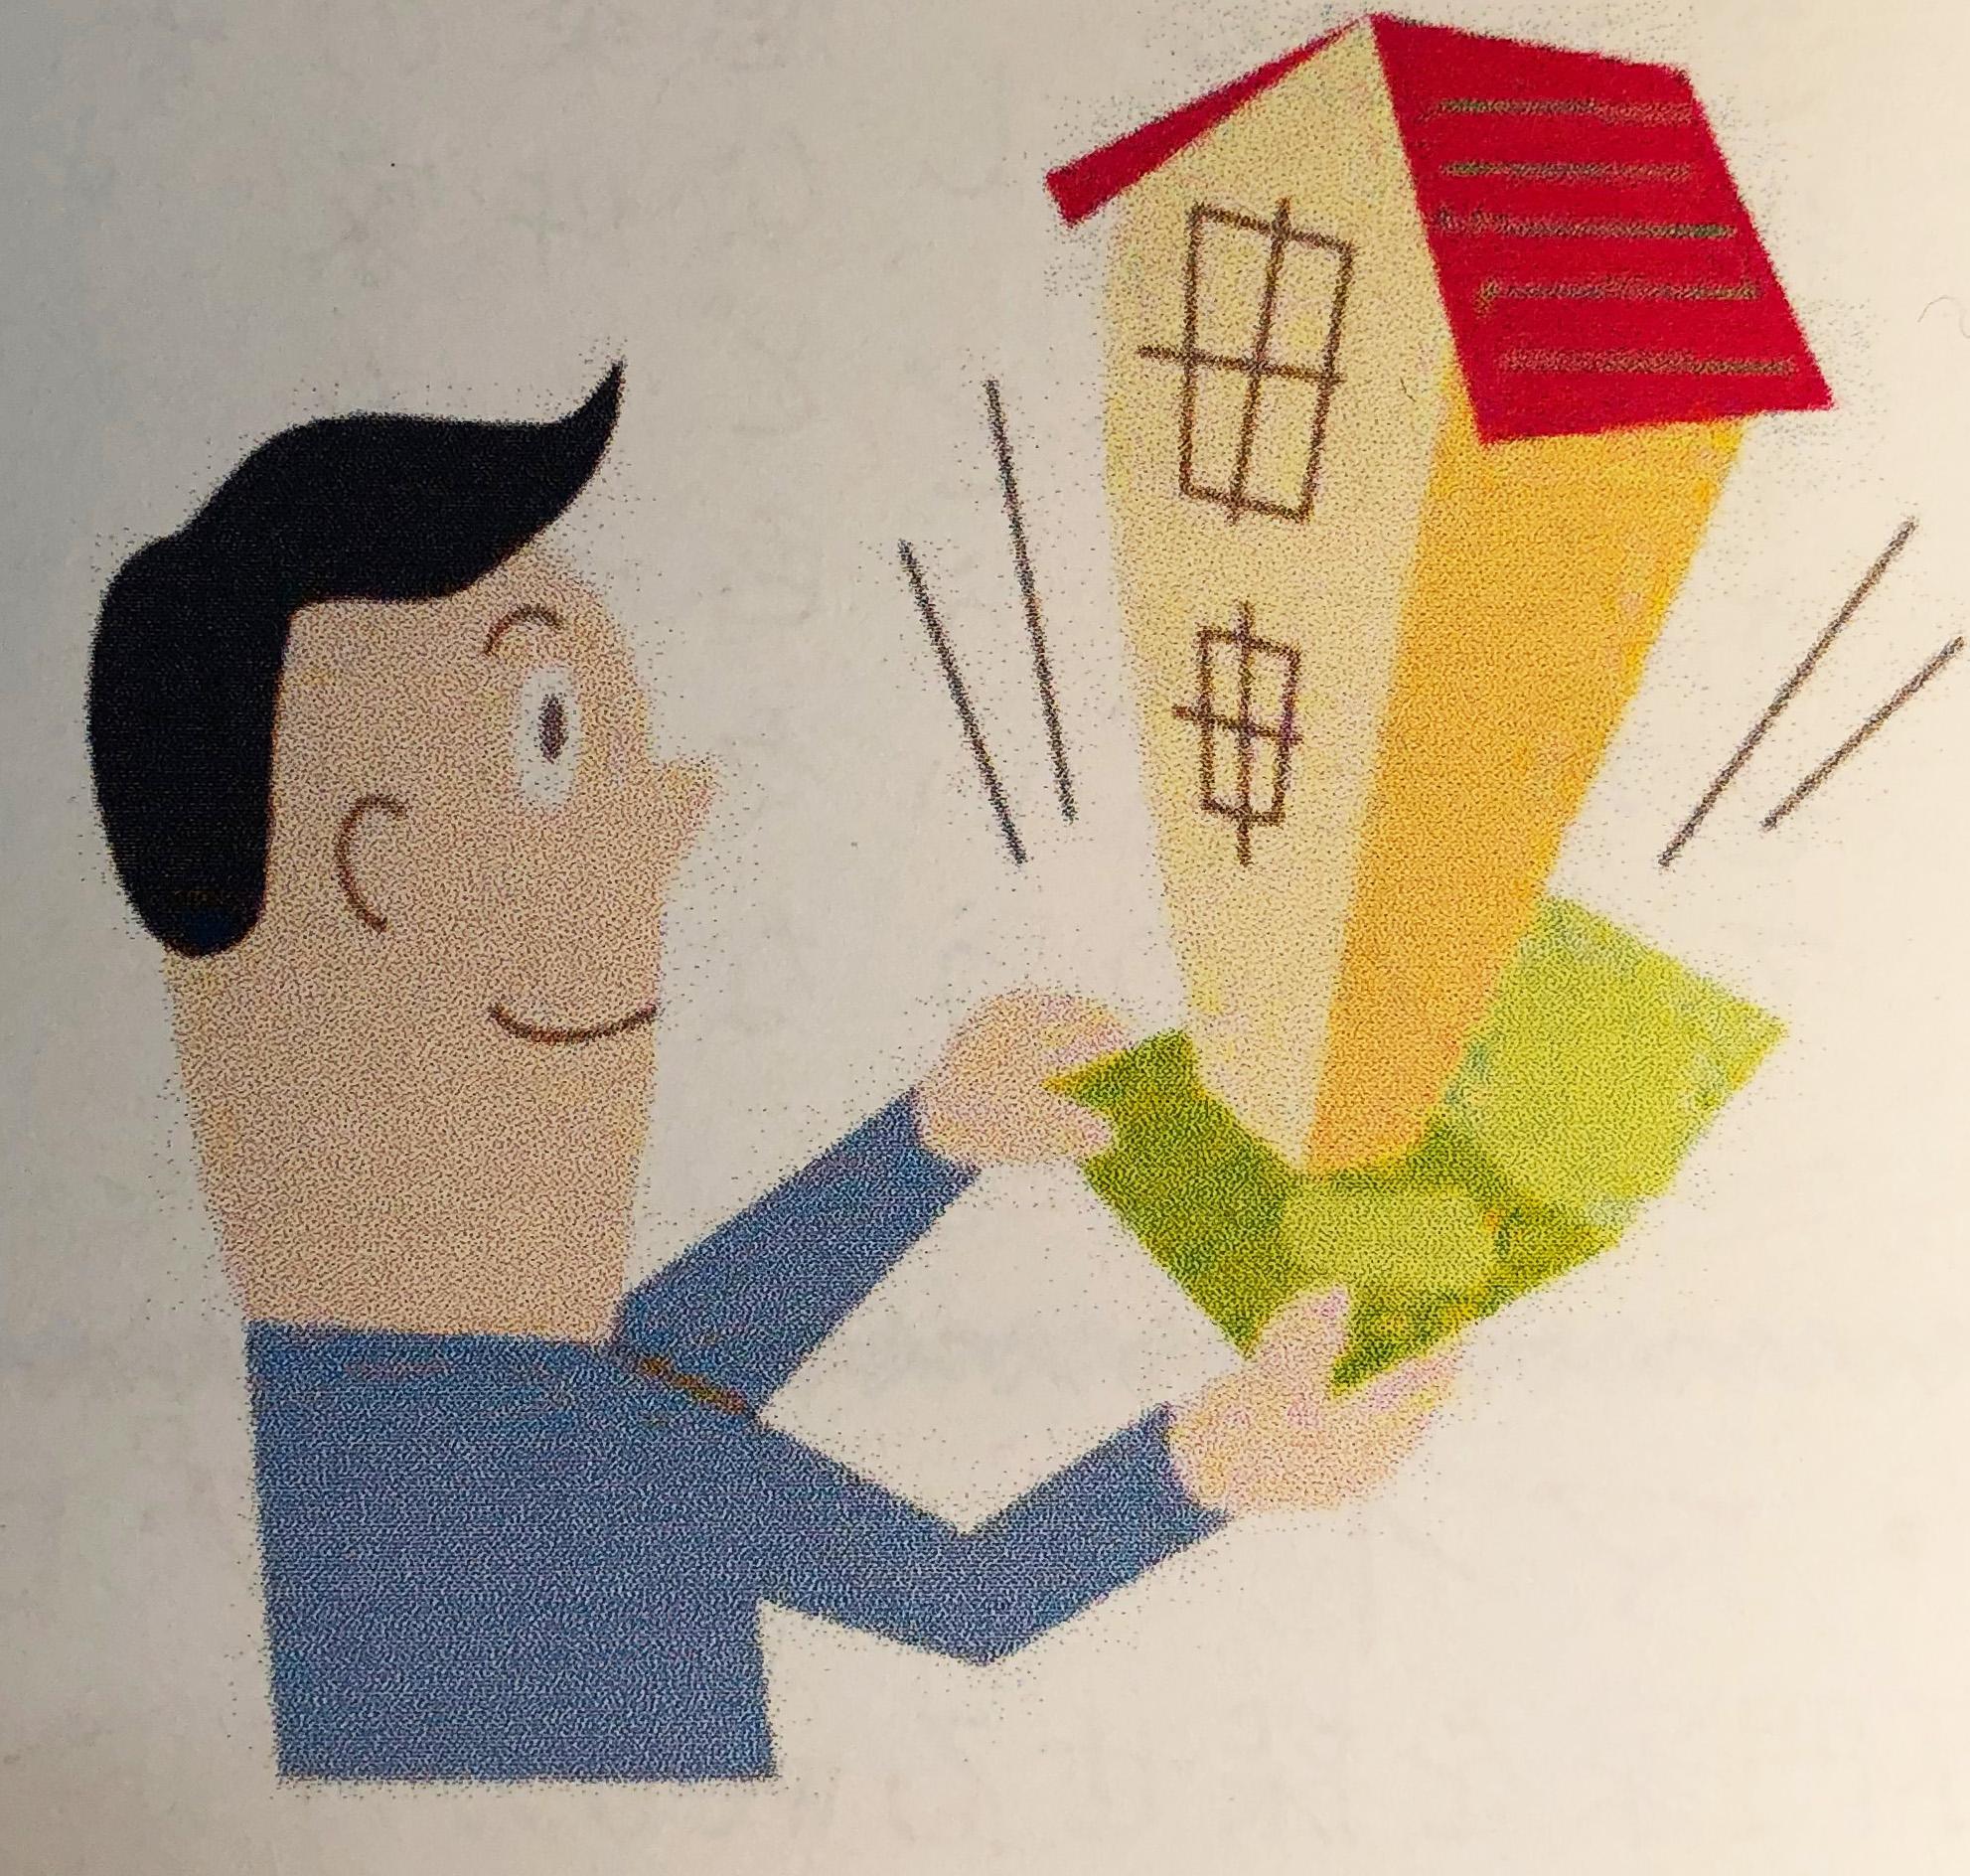 外壁塗装工事の塗装代金支払い時期